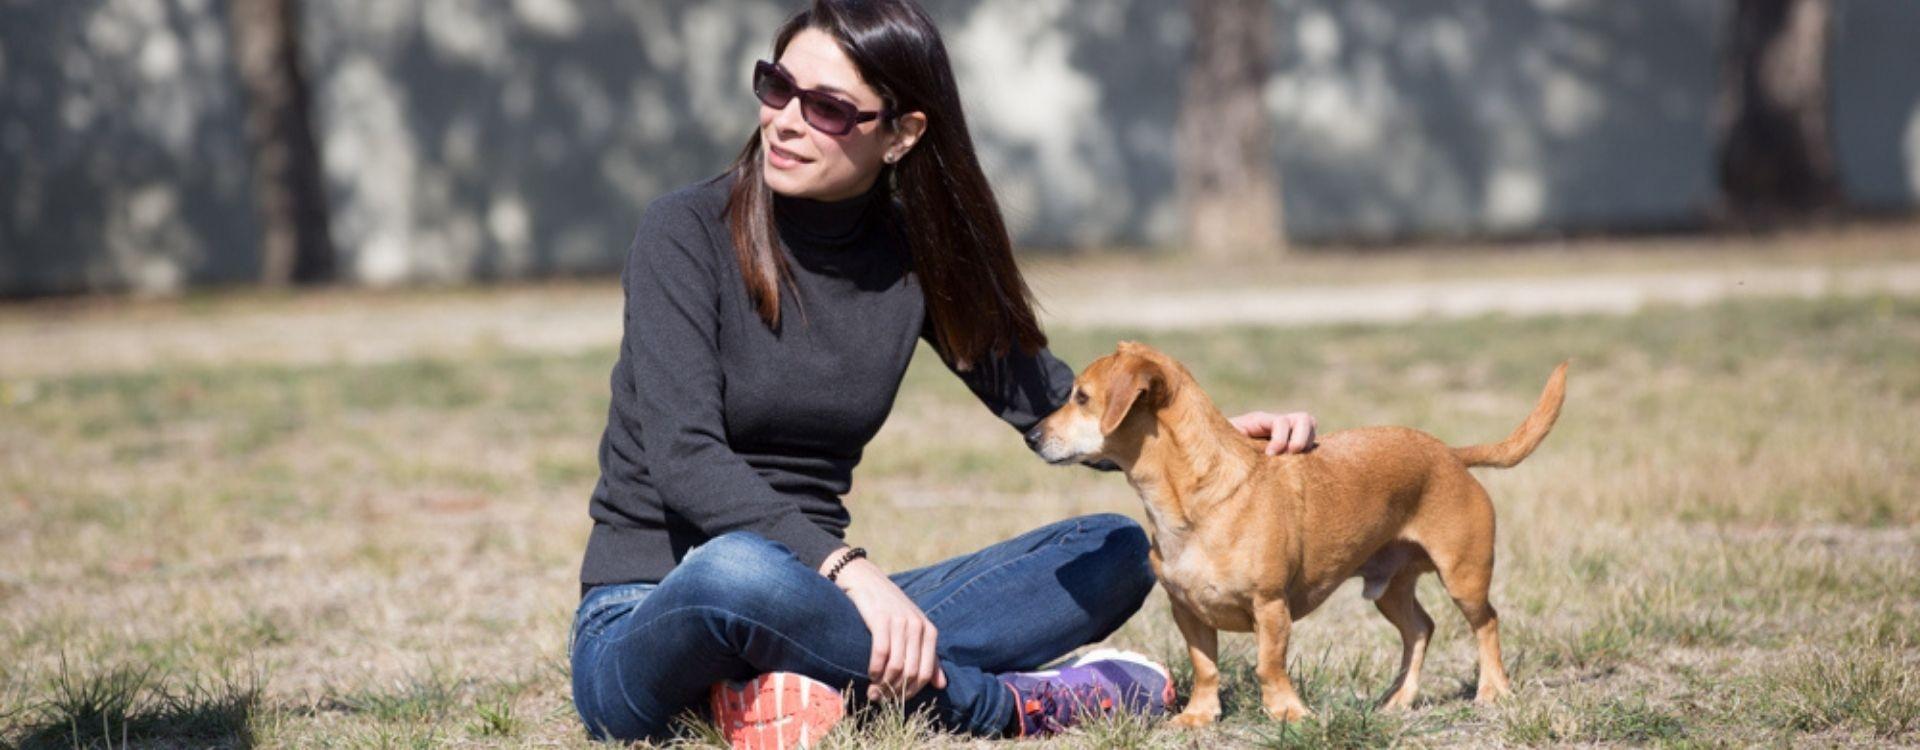 ¿A qué edad entra en celo/es fértil un perro?